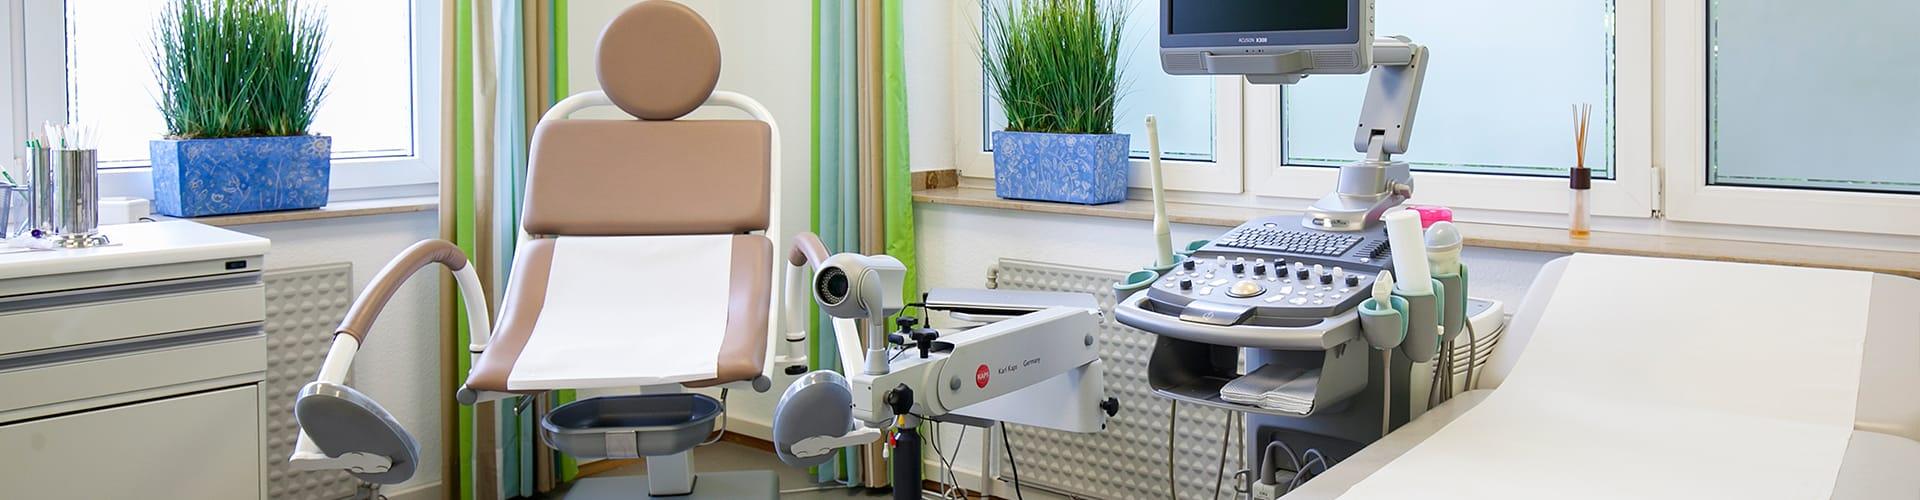 Behandlungszimmer in der Frauenarztpraxis von Frau Dr. med. Petra Berlinghoff in Lüdinghausen.